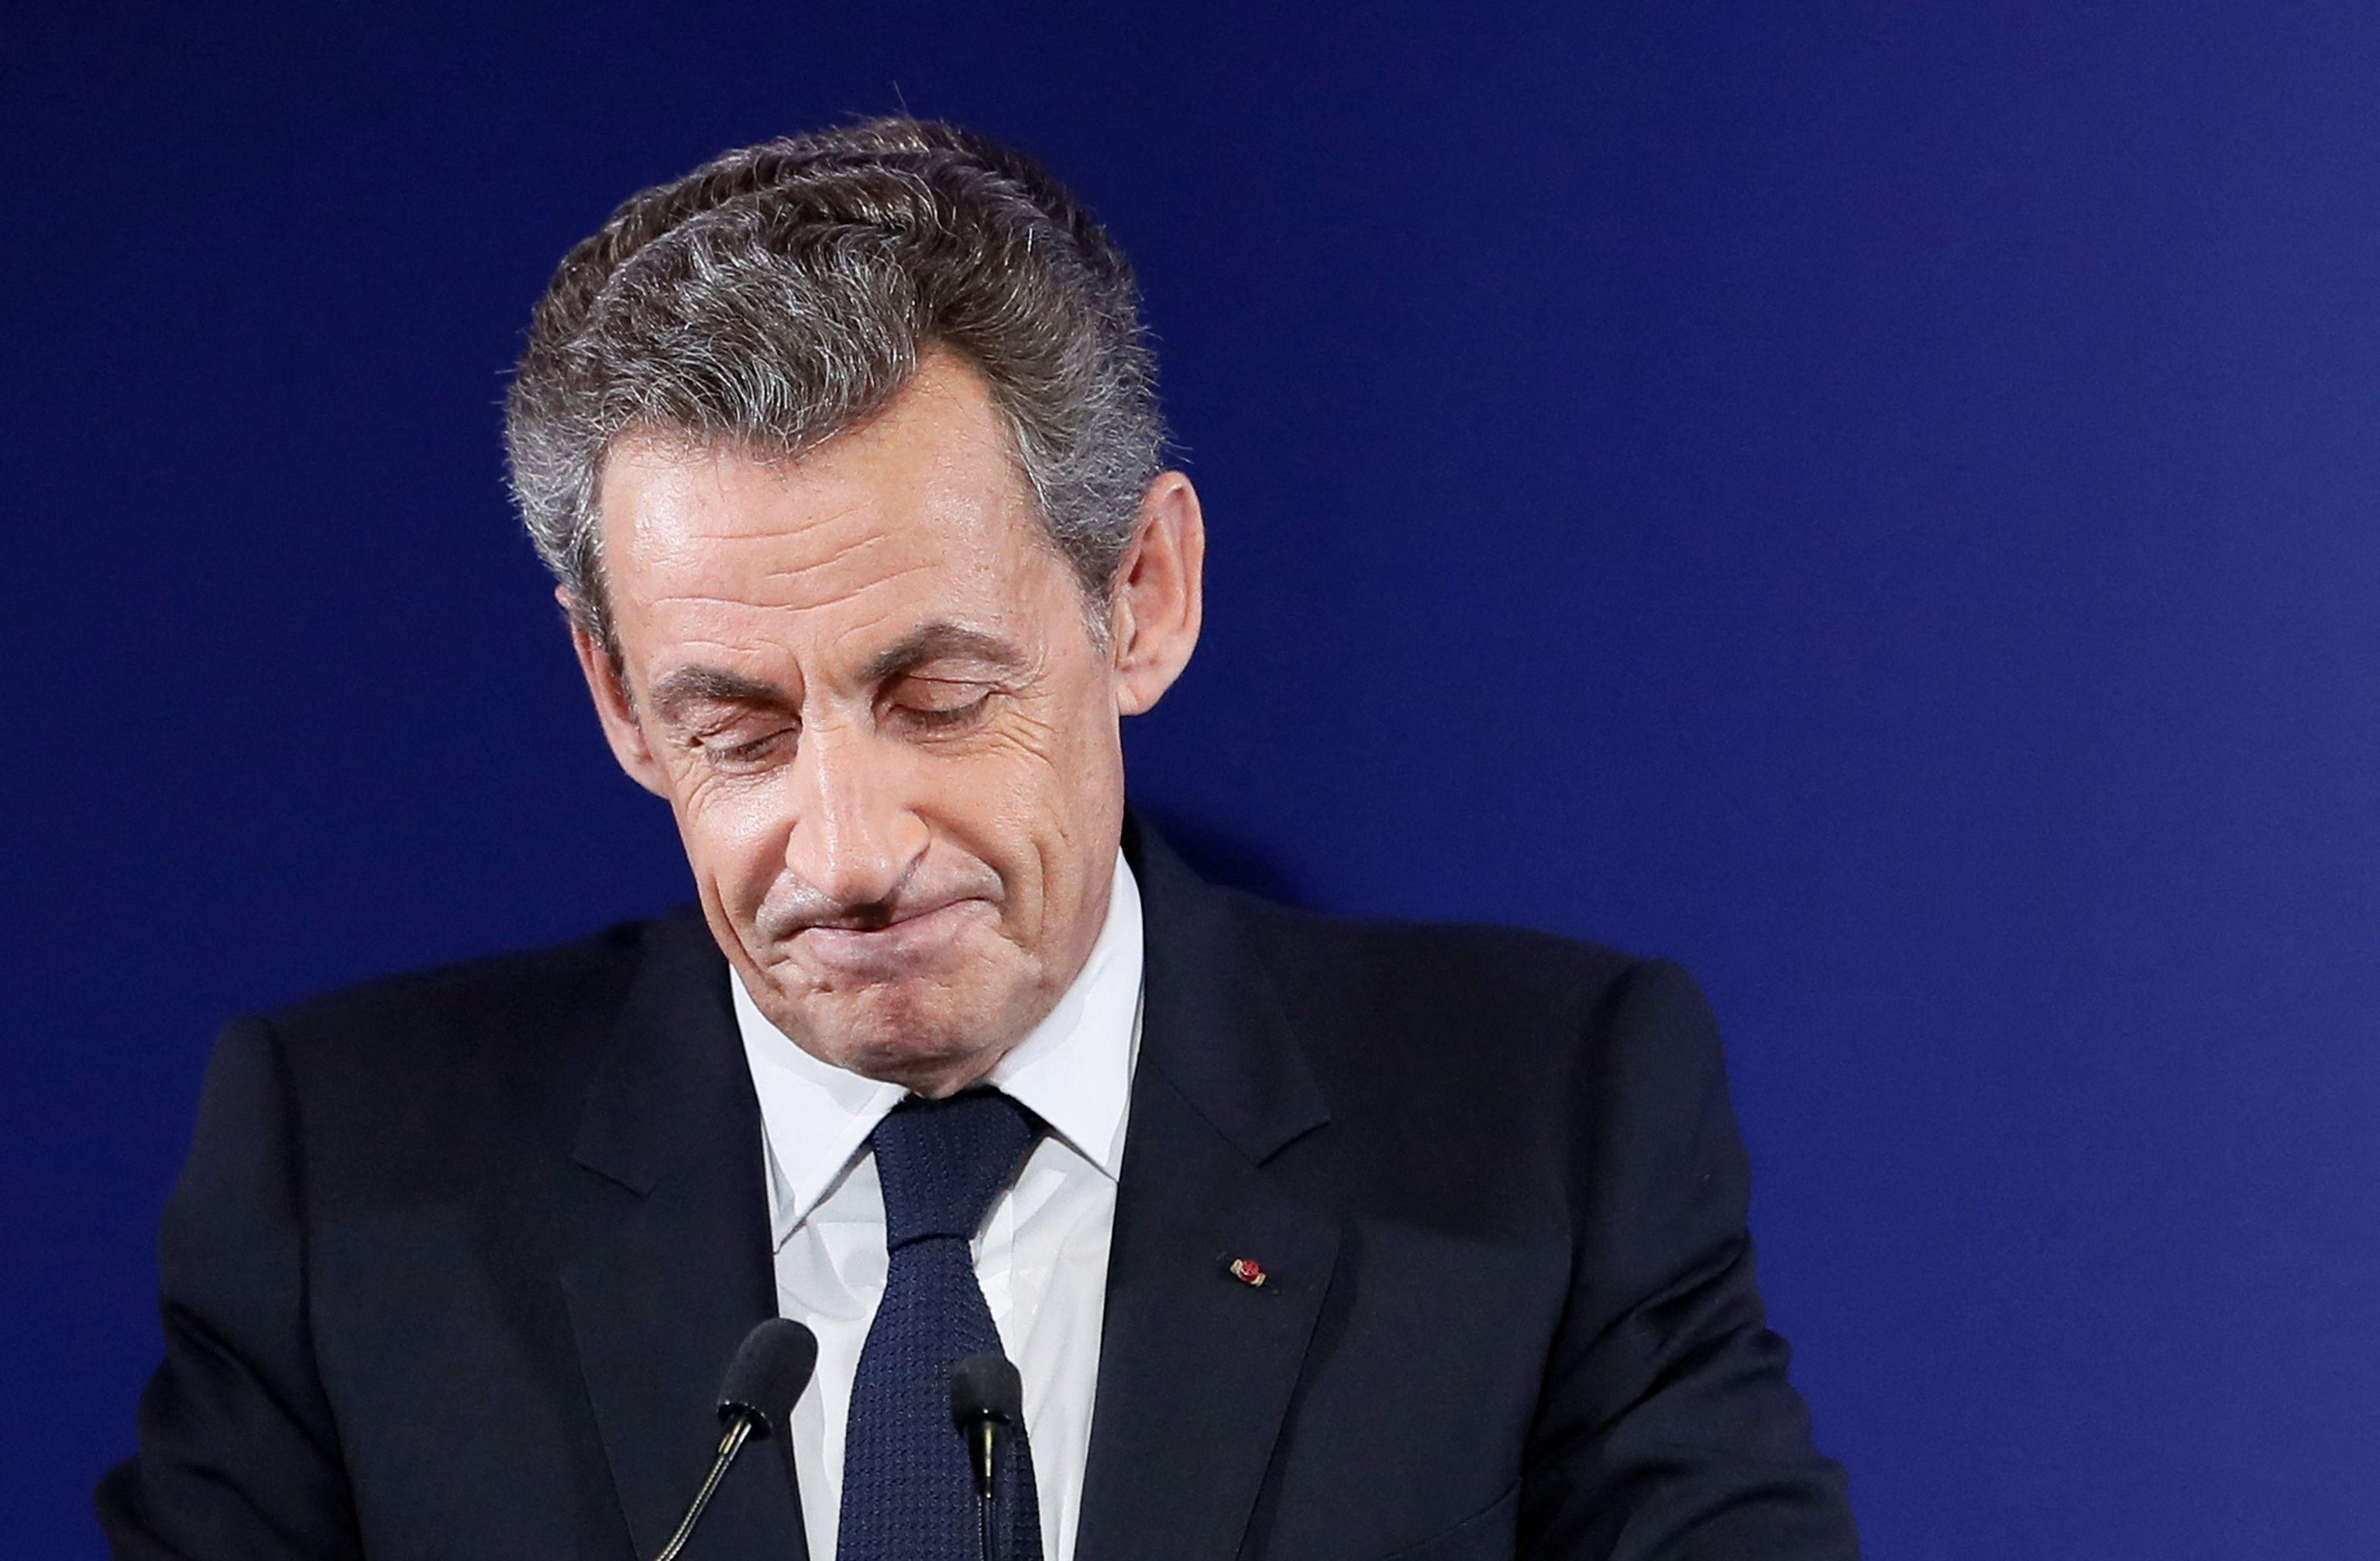 Un año de prisión con brazalete electrónico para Nicolas Sarkozy |  Internacional